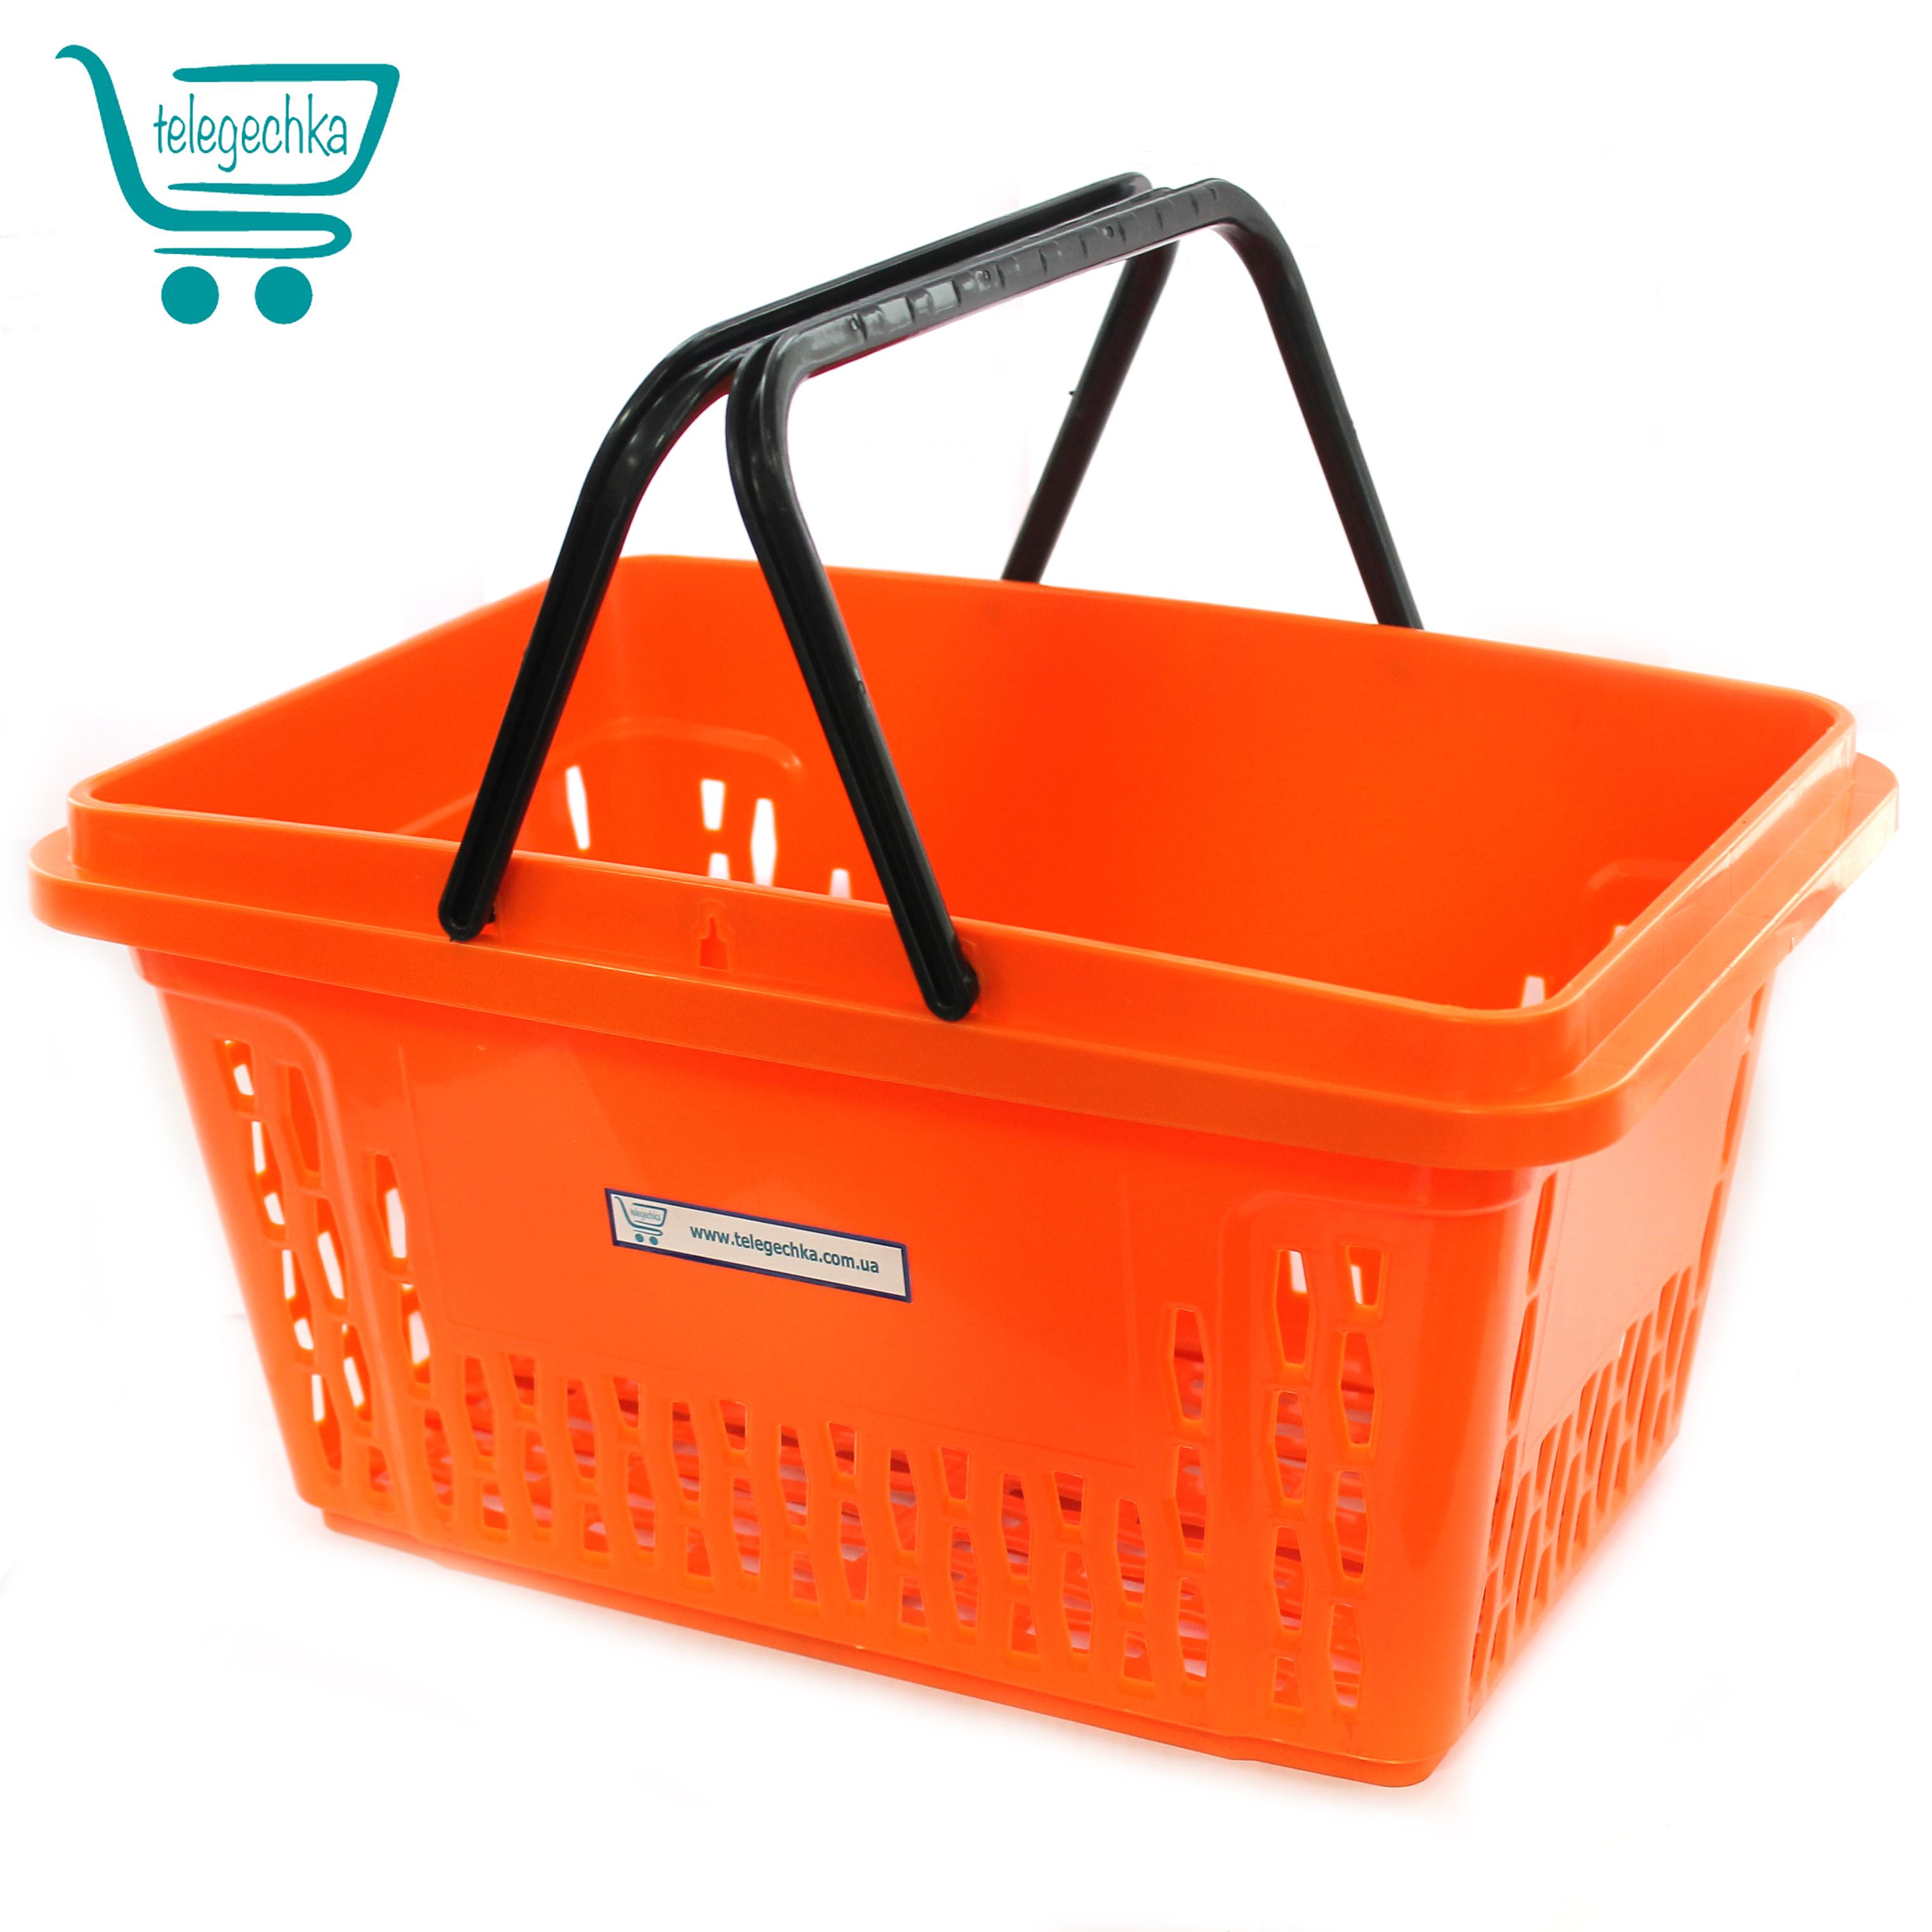 Покупательские корзины для супермаркета, корзины для магазина PLAST 20